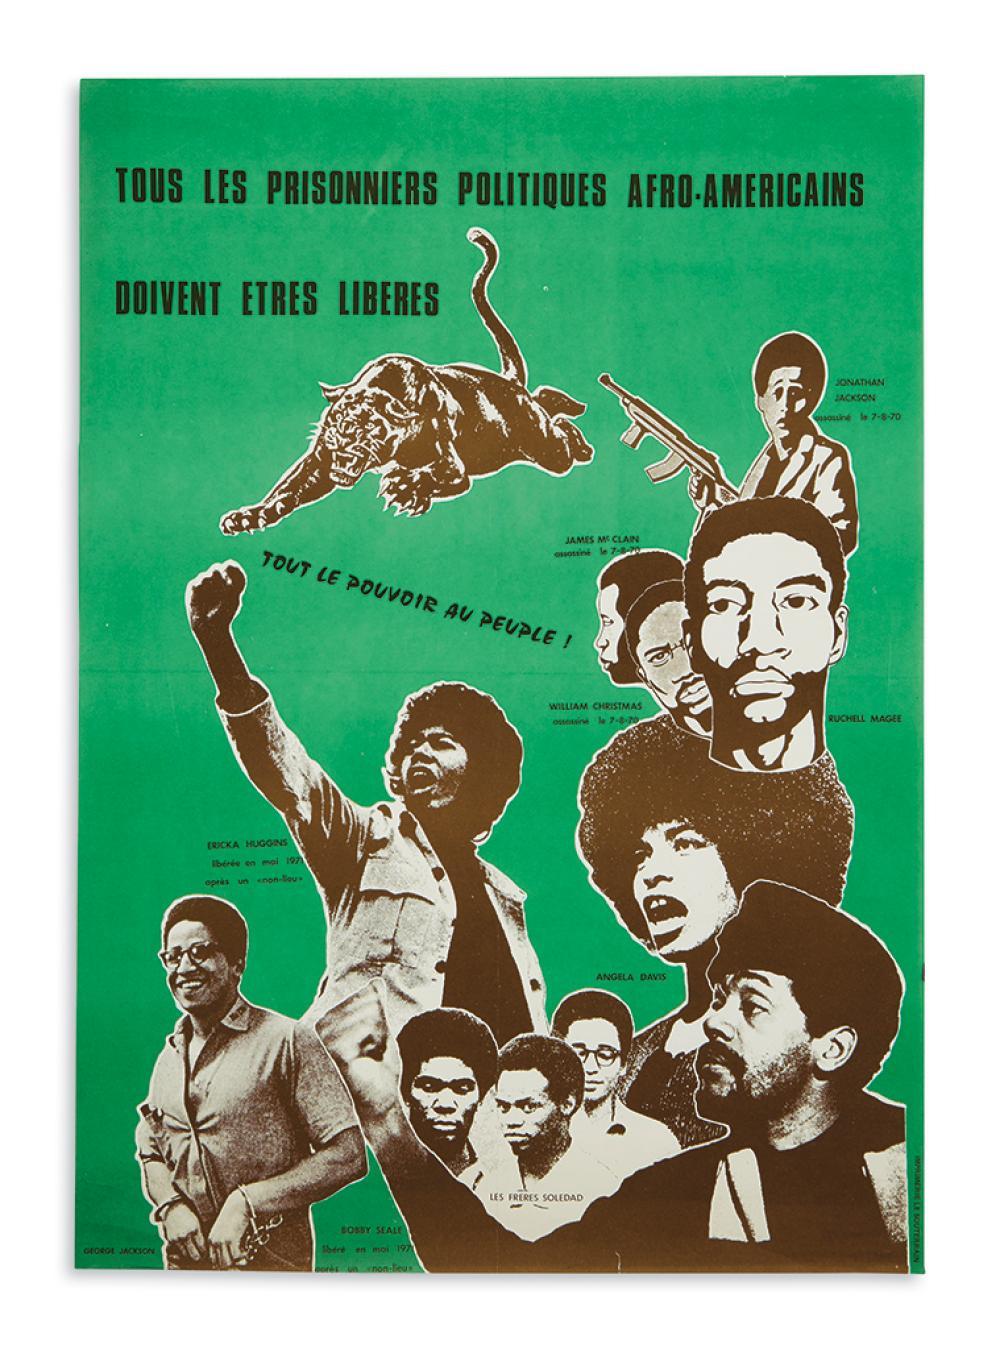 (BLACK PANTHERS.) Tous les Prisonniers Politiques Afro-Americains doivent etres Liberes. Tout le Pouvoir au Peuple!